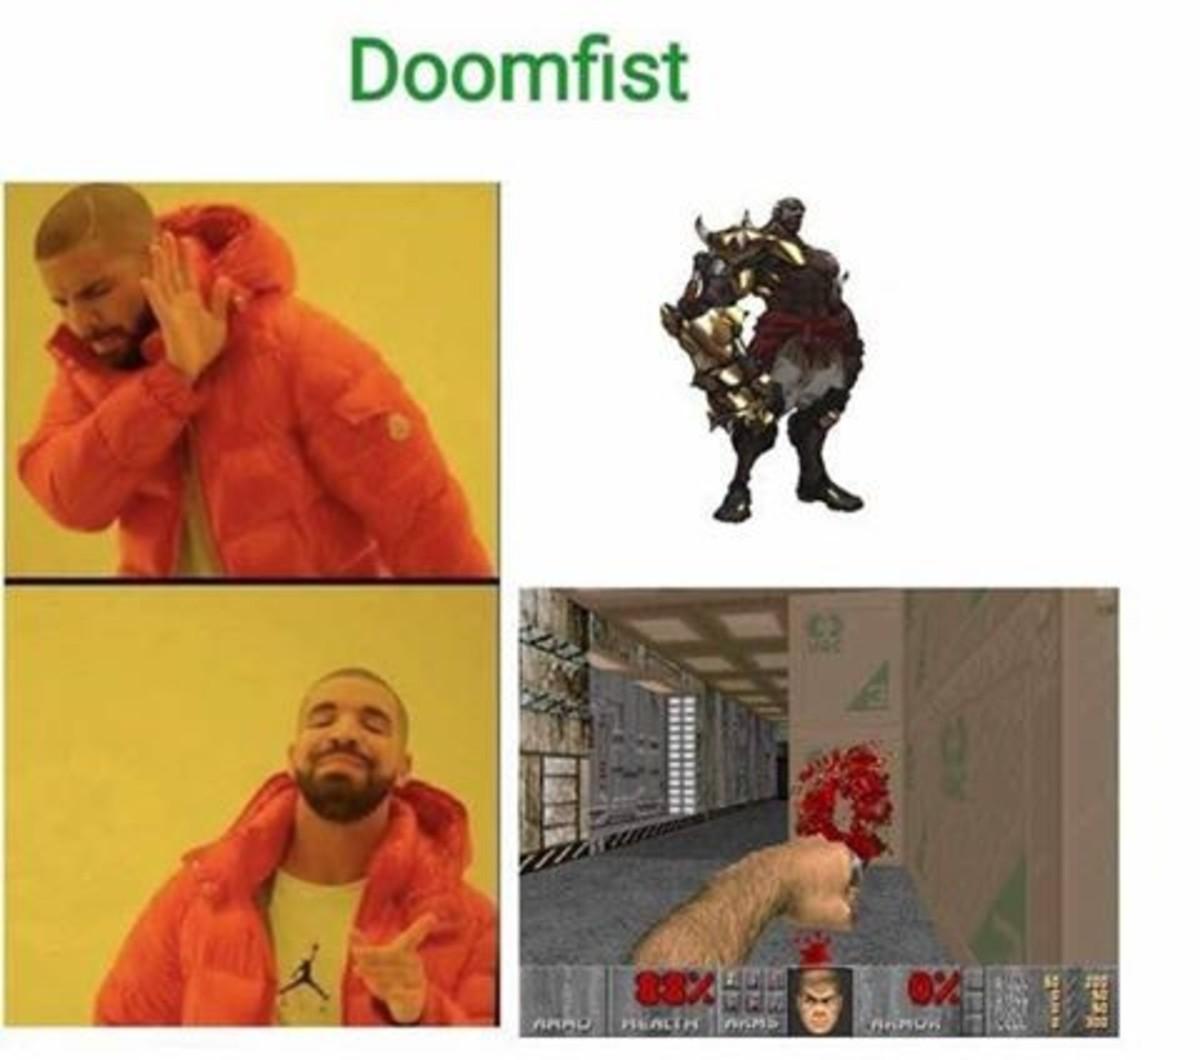 Doomfist. . Doomfist